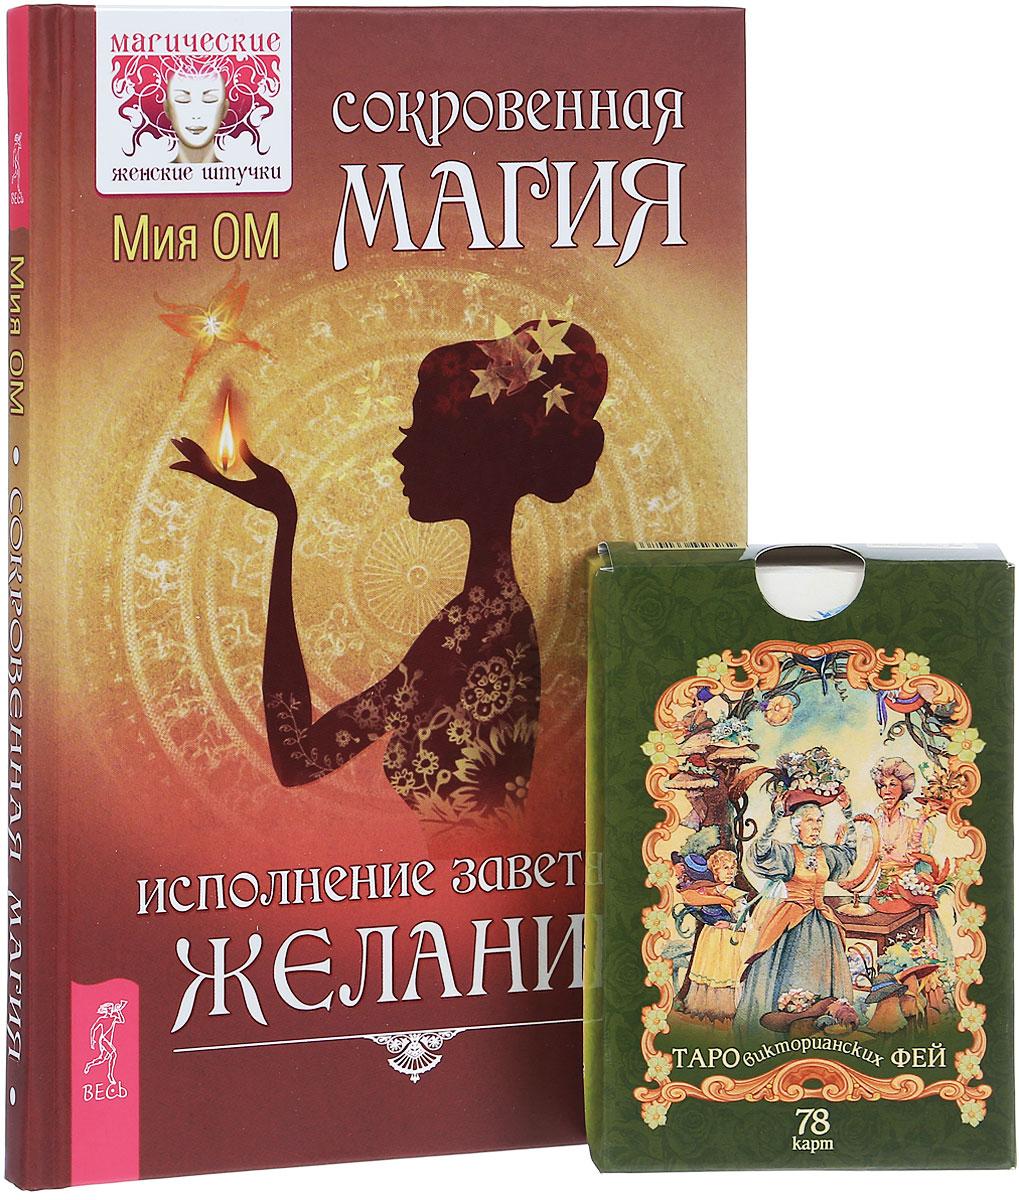 Мия Ом Сокровенная магия. Таро викторианских фей (комплект из книги и колоды из 78 карт) дмитрий невский таро манара магия любви